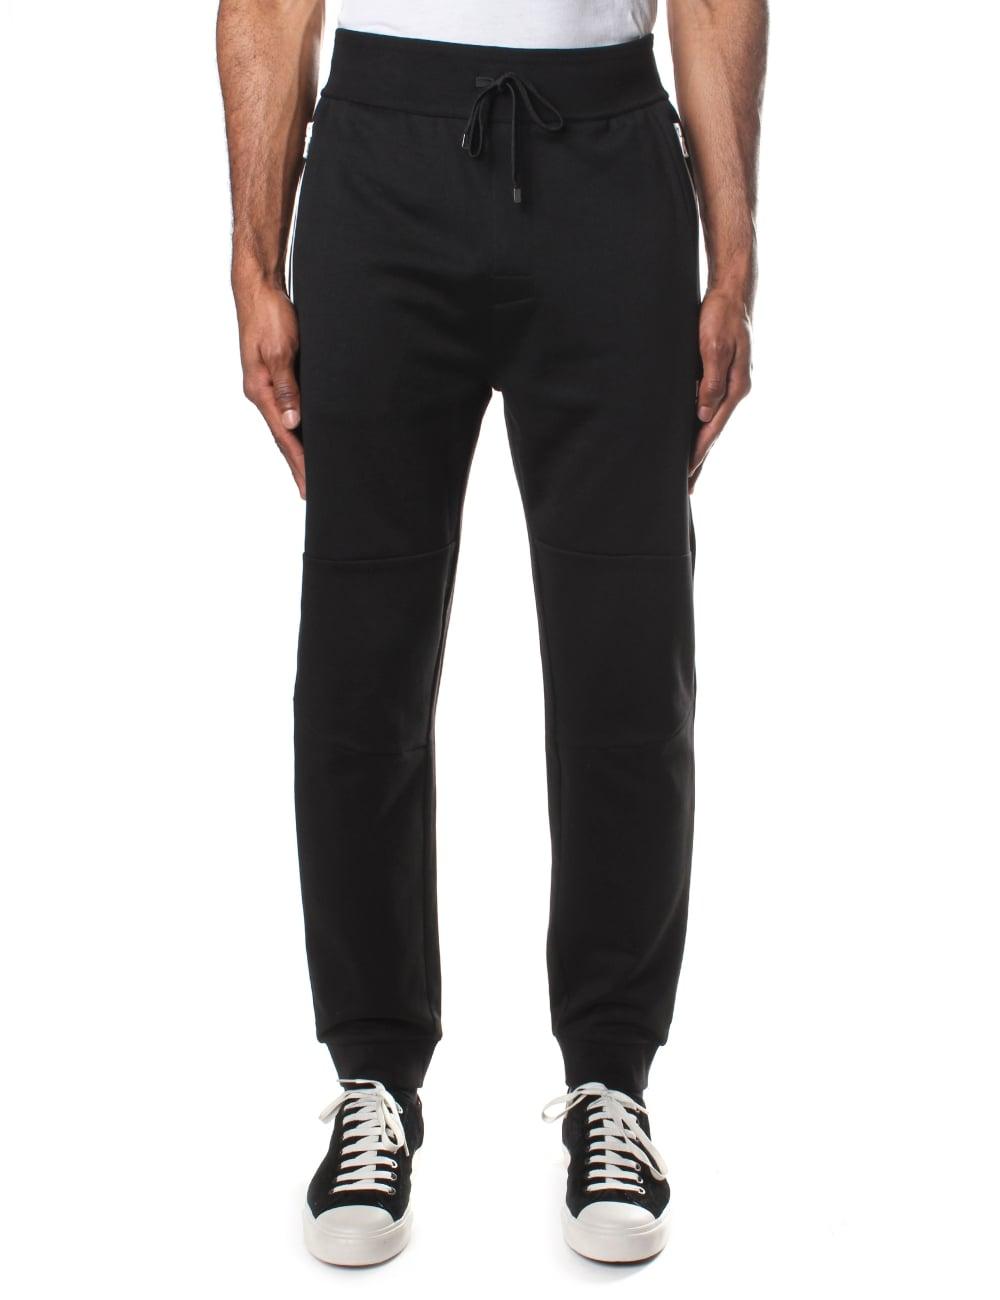 black sweatpants outfit men - photo #48